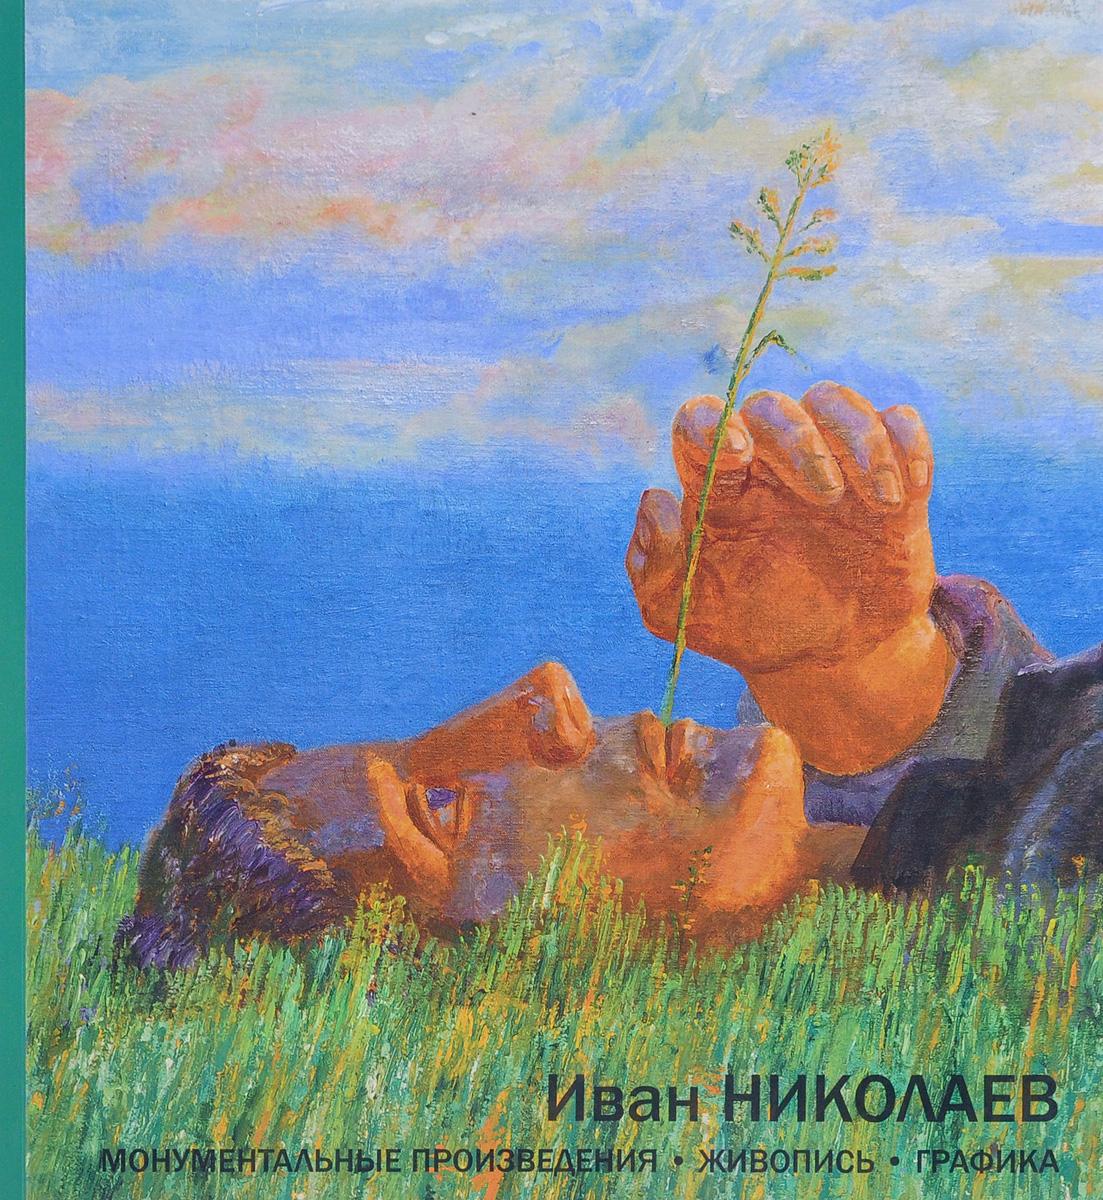 Иван Николаев Иван Николаев. Монументальные произведения, живопись, графика как купить мебель николаев бу